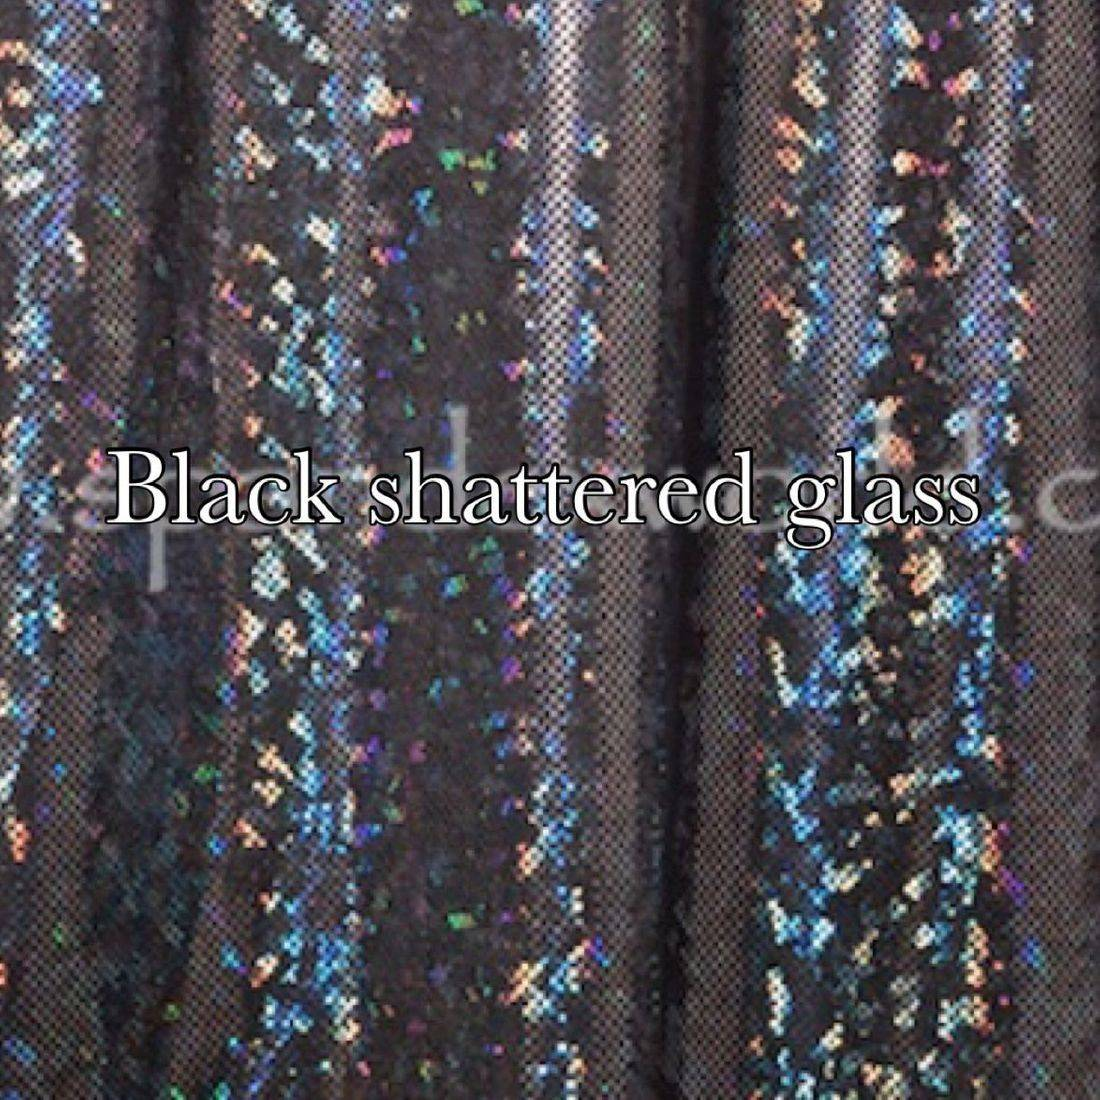 black shattered glass